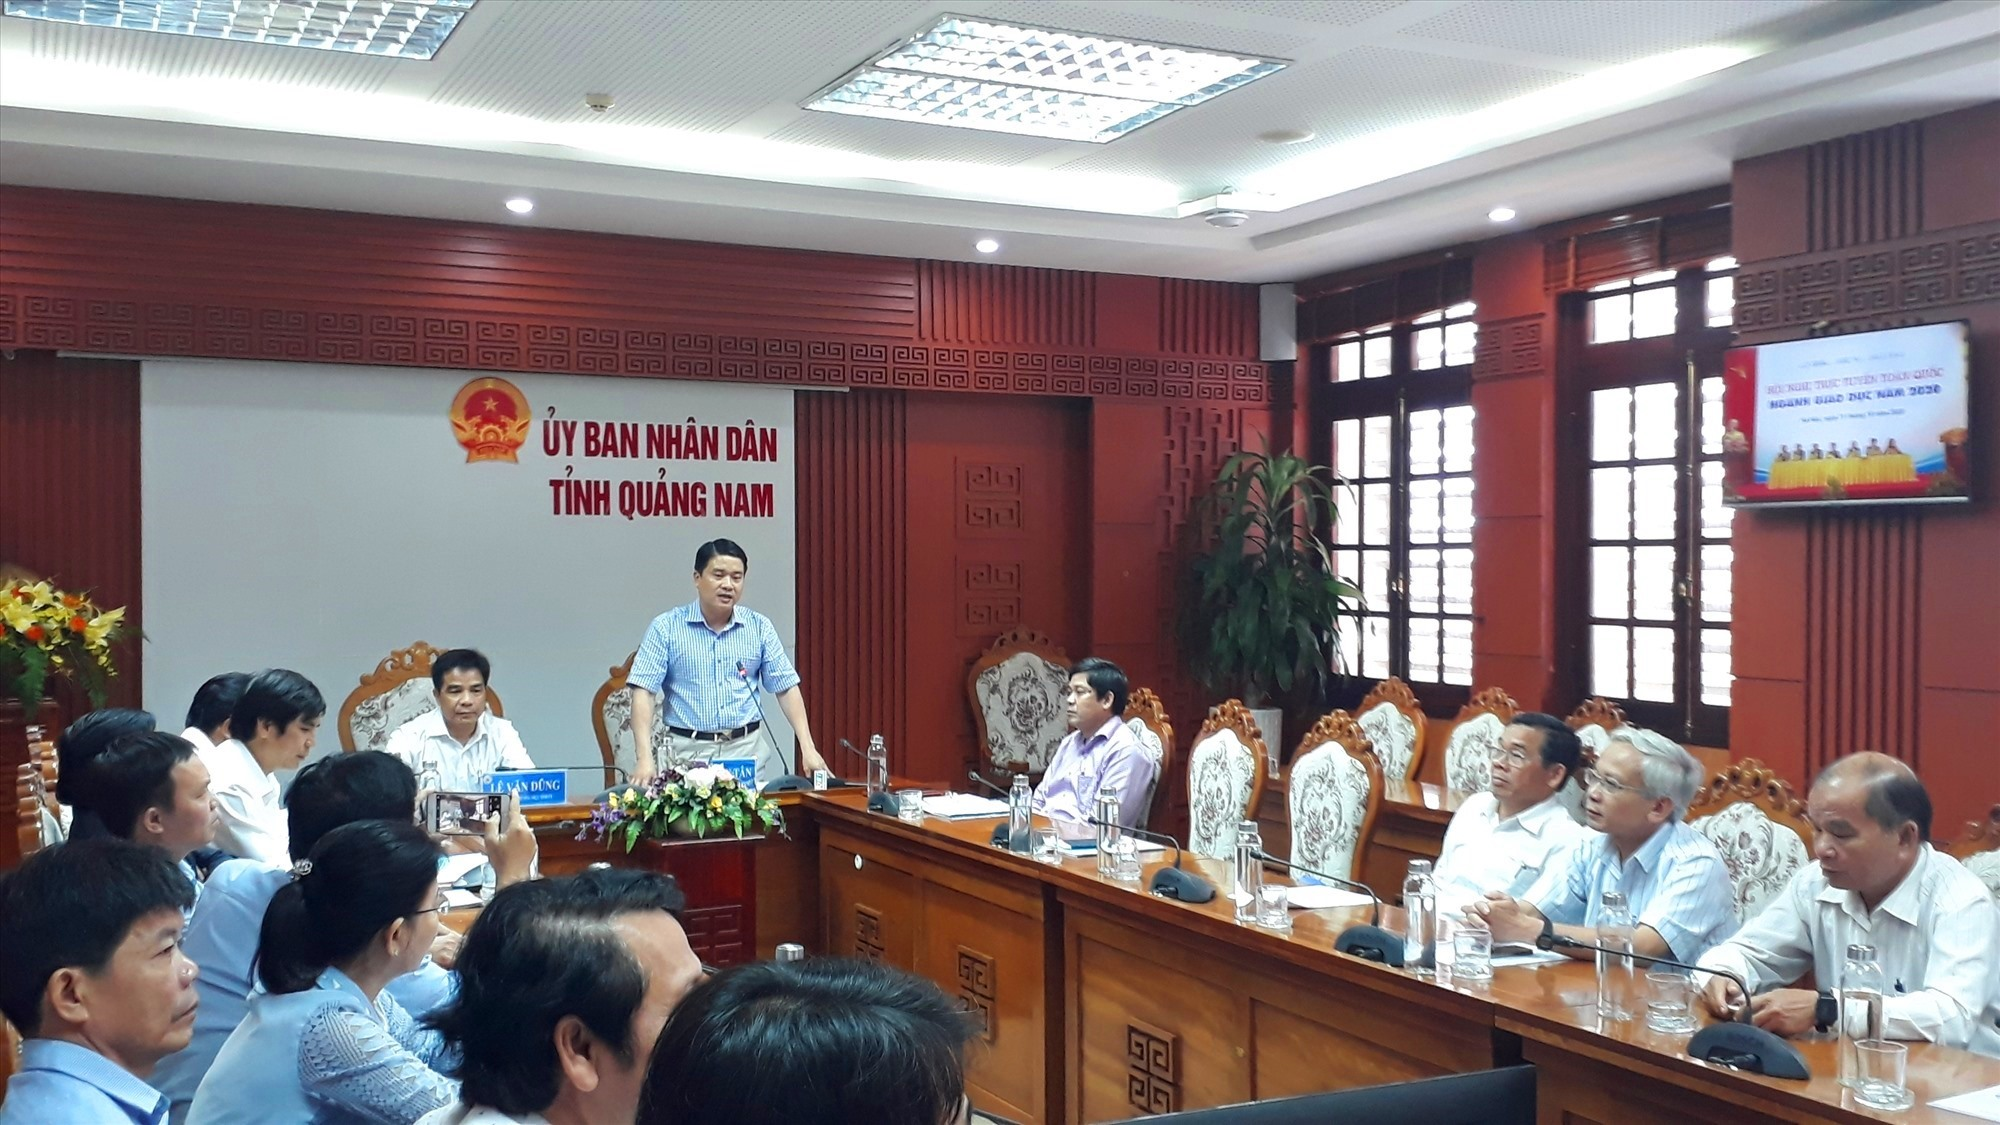 Phó Chu tịch UBND tỉnh Trần Văn Tân phát biểu tại hội nghị. Ảnh: X.P